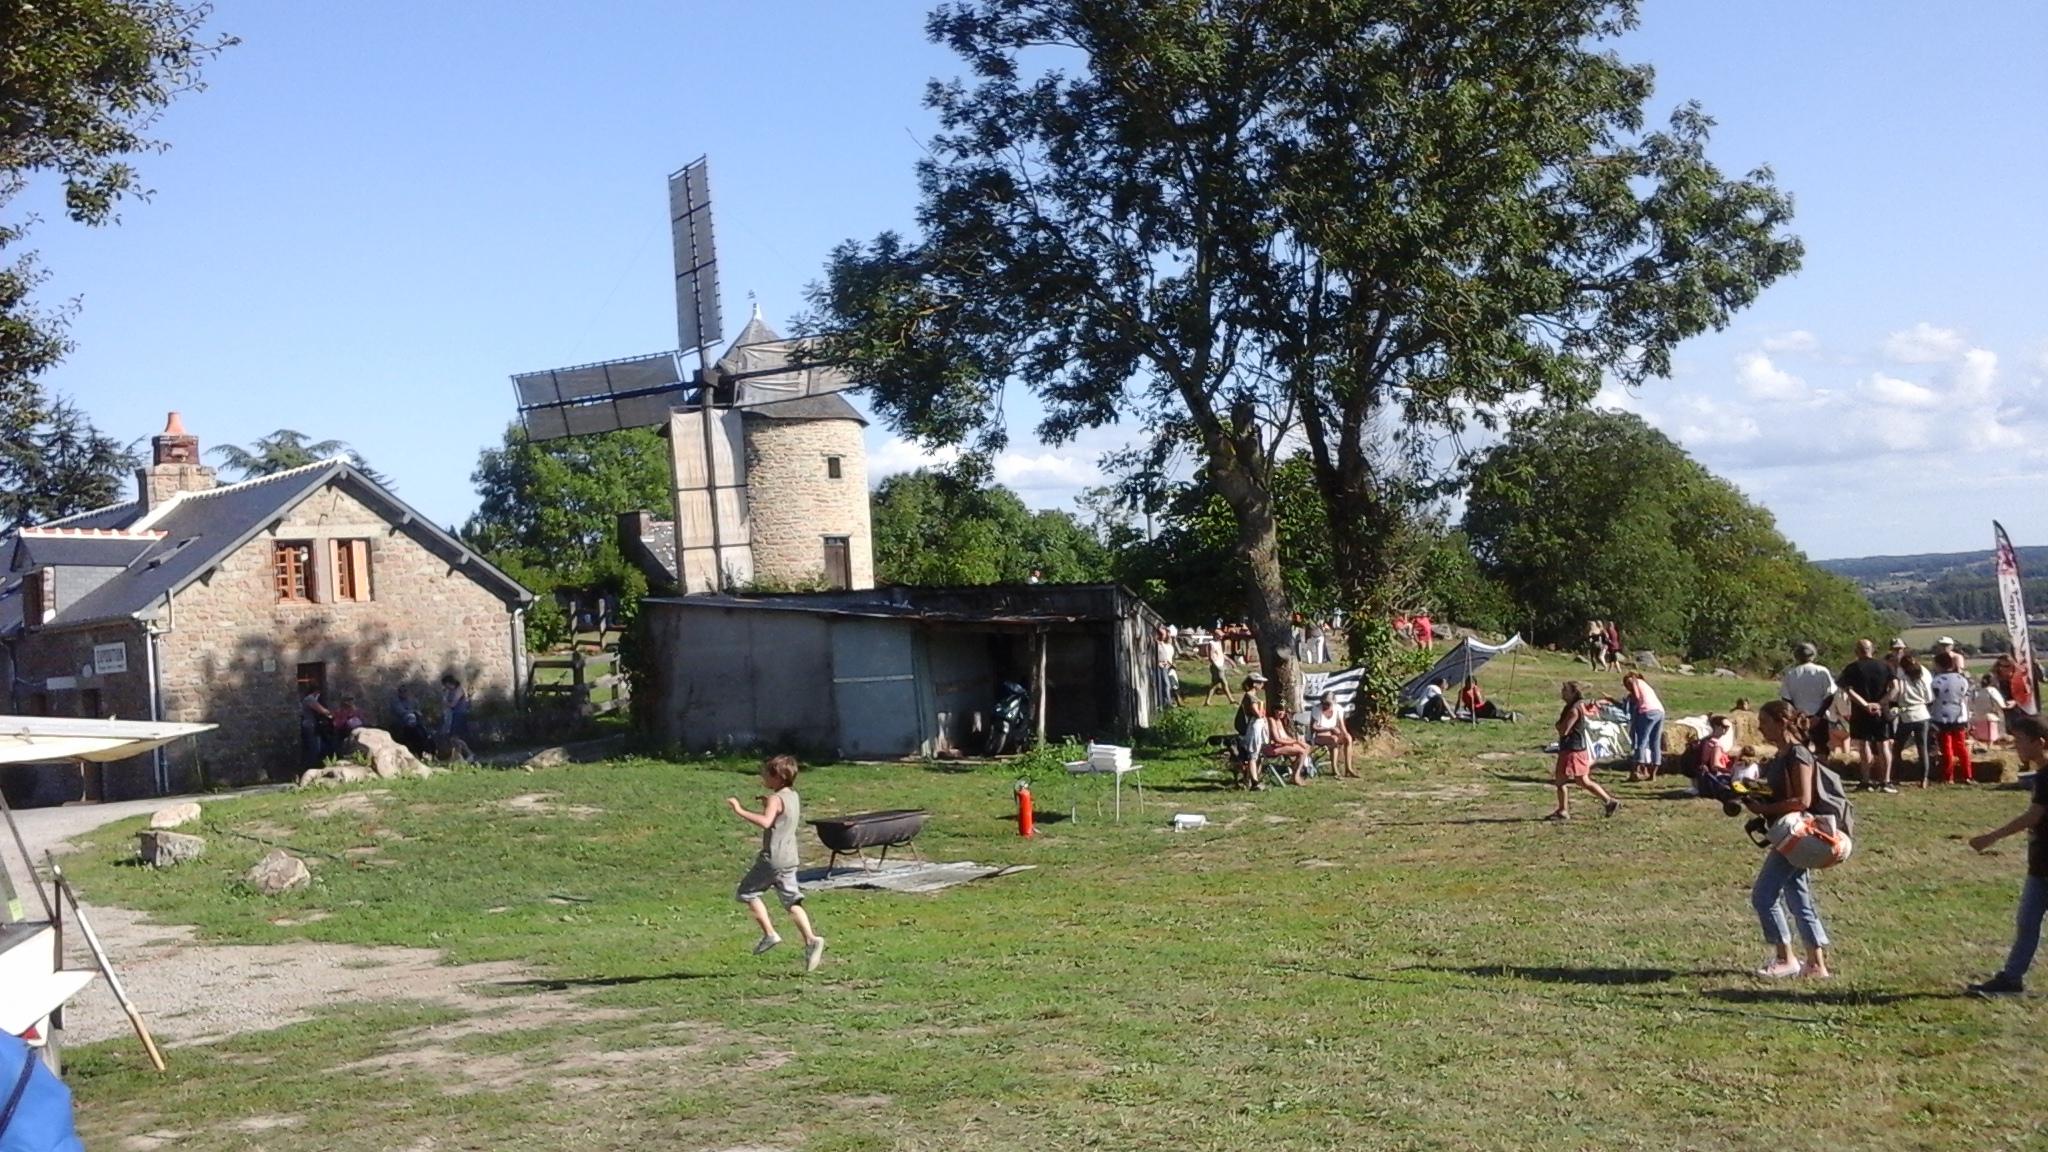 Fête du moulin Mont Dol 6 août 2017